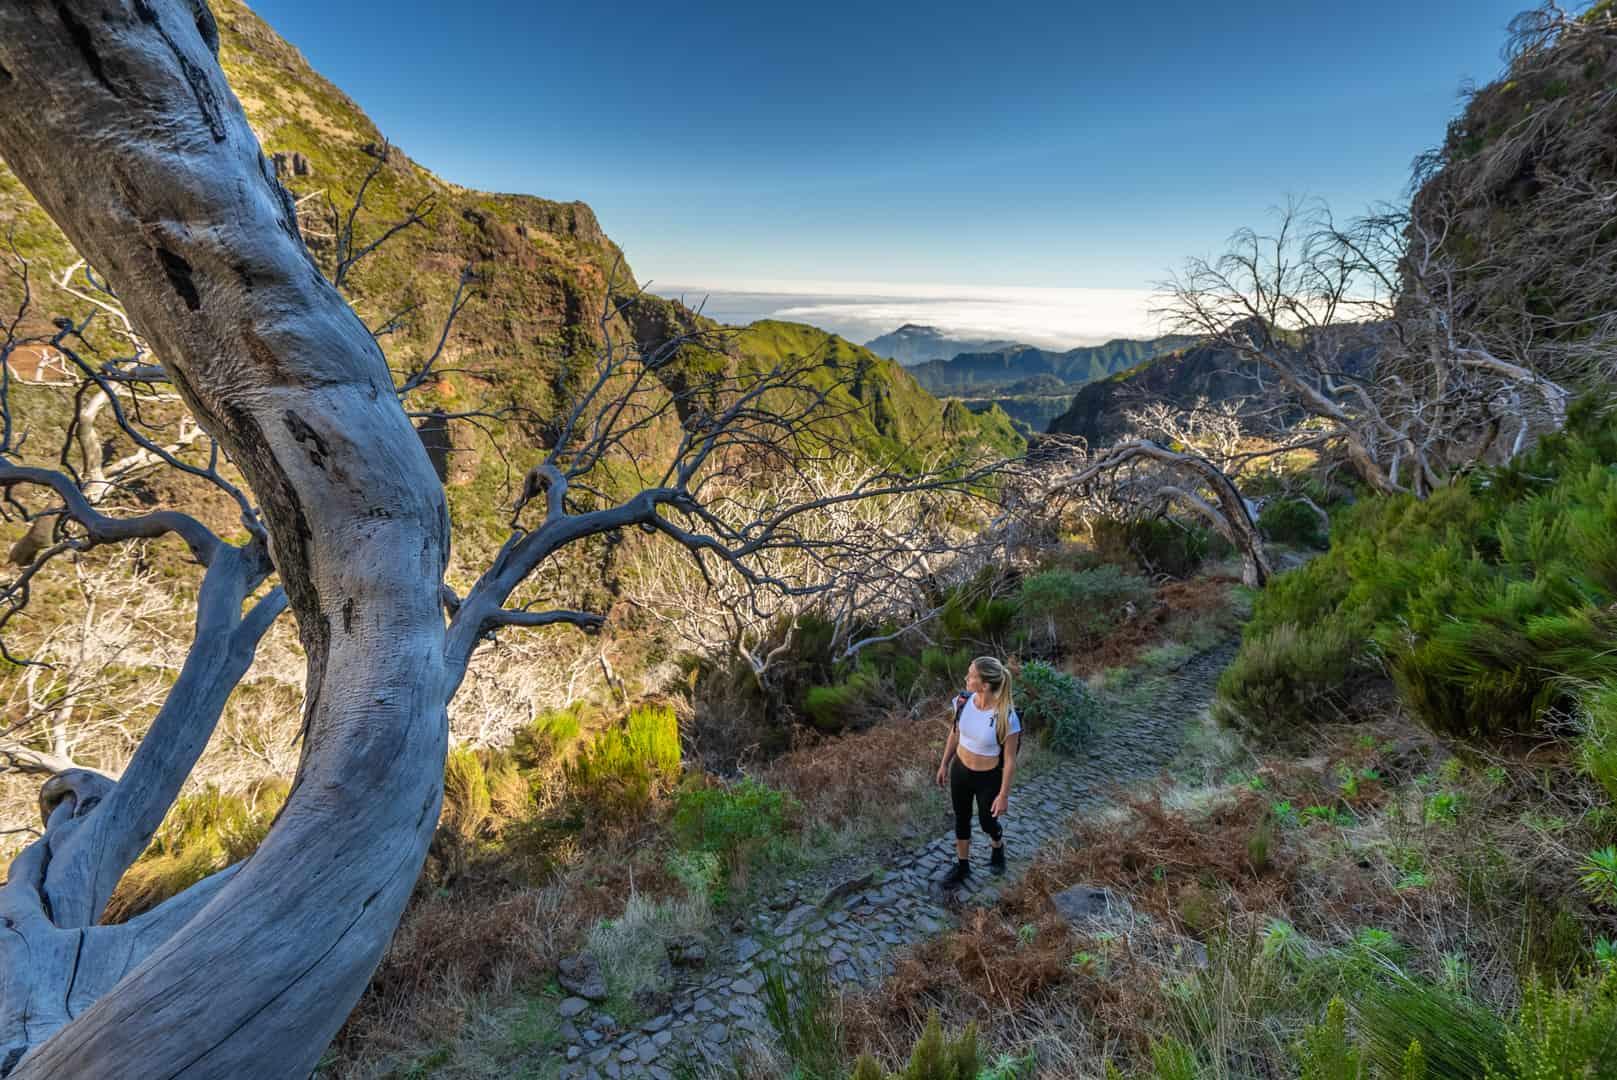 dead-trees-pico-do-arieiro-hike-path